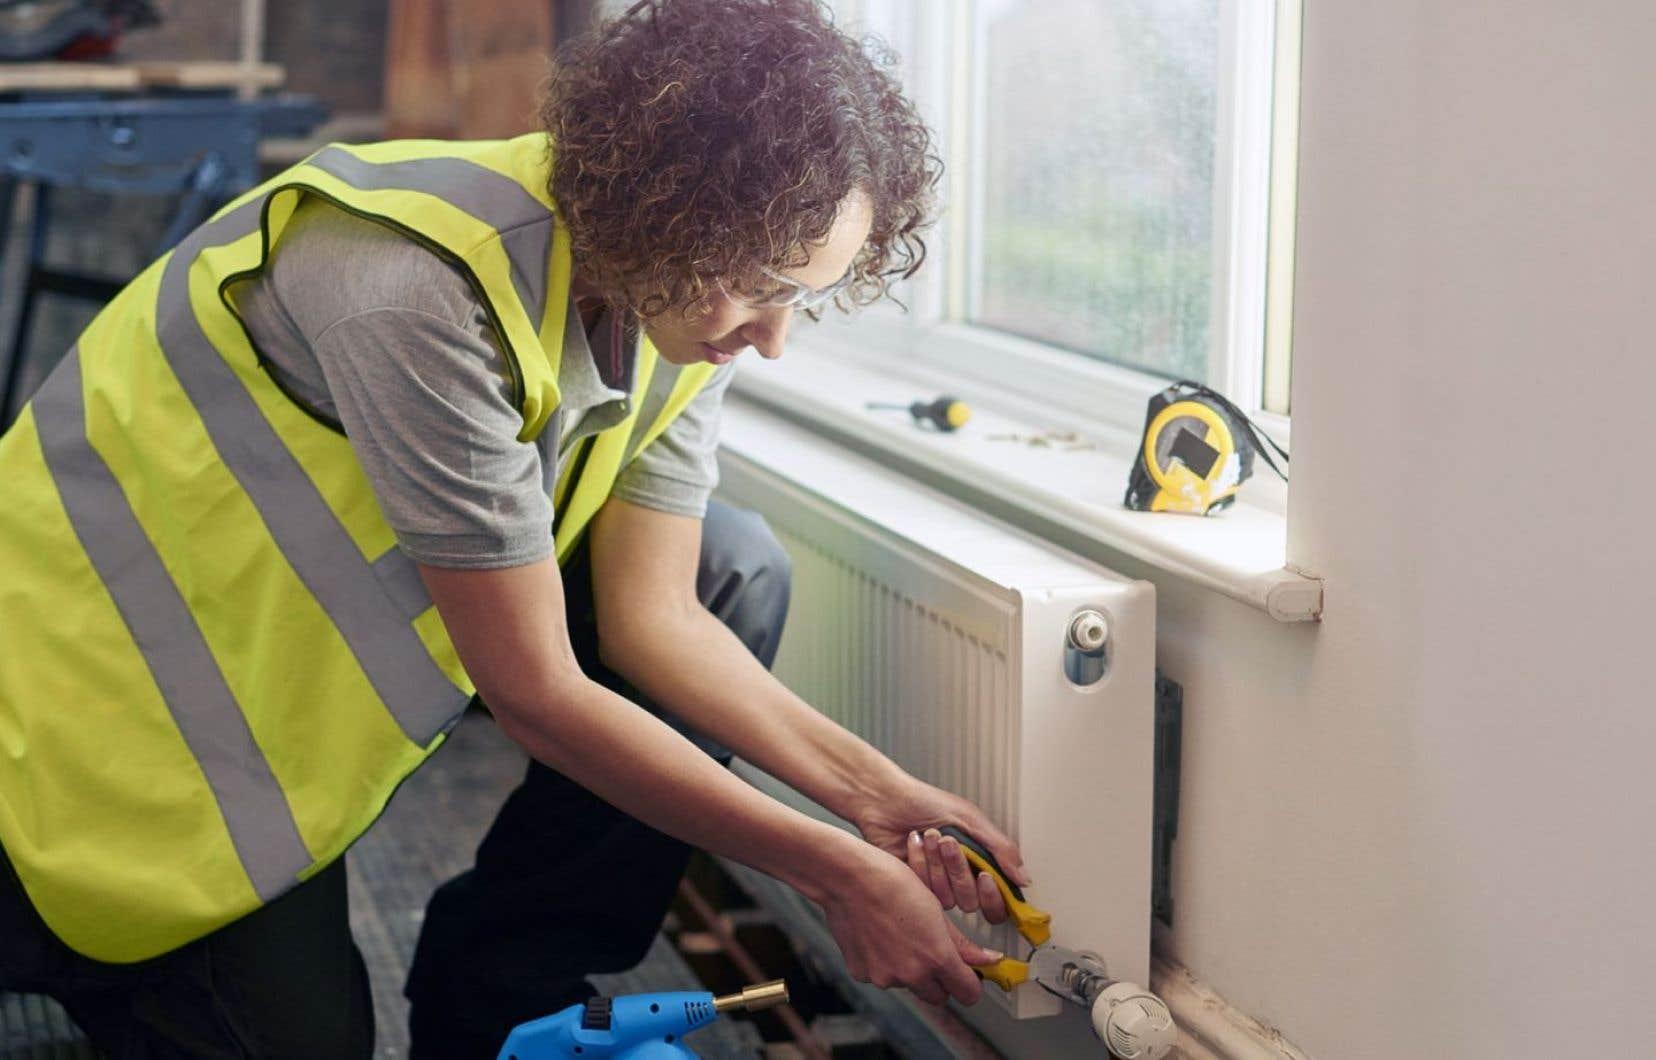 À l'heure actuelle, les femmes comptent pour 1,62 % de la main-d'œuvre dans le secteur de la construction.